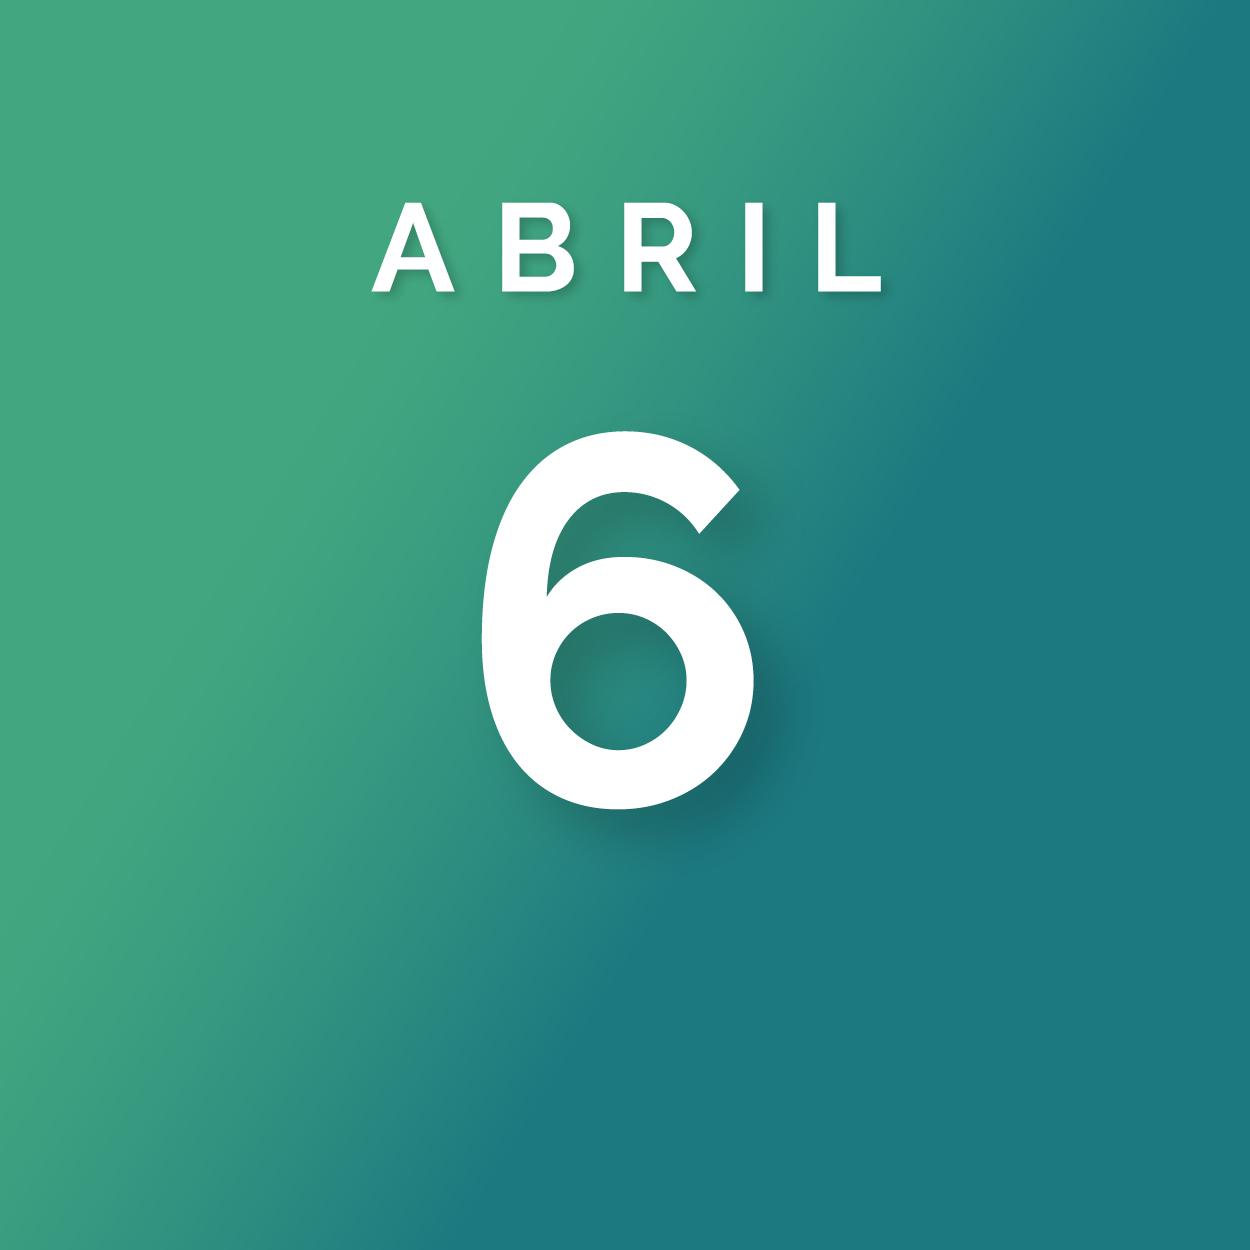 Encerramento das inscrições - Sexta-feira, 06 de Abril, 2018às 23:59